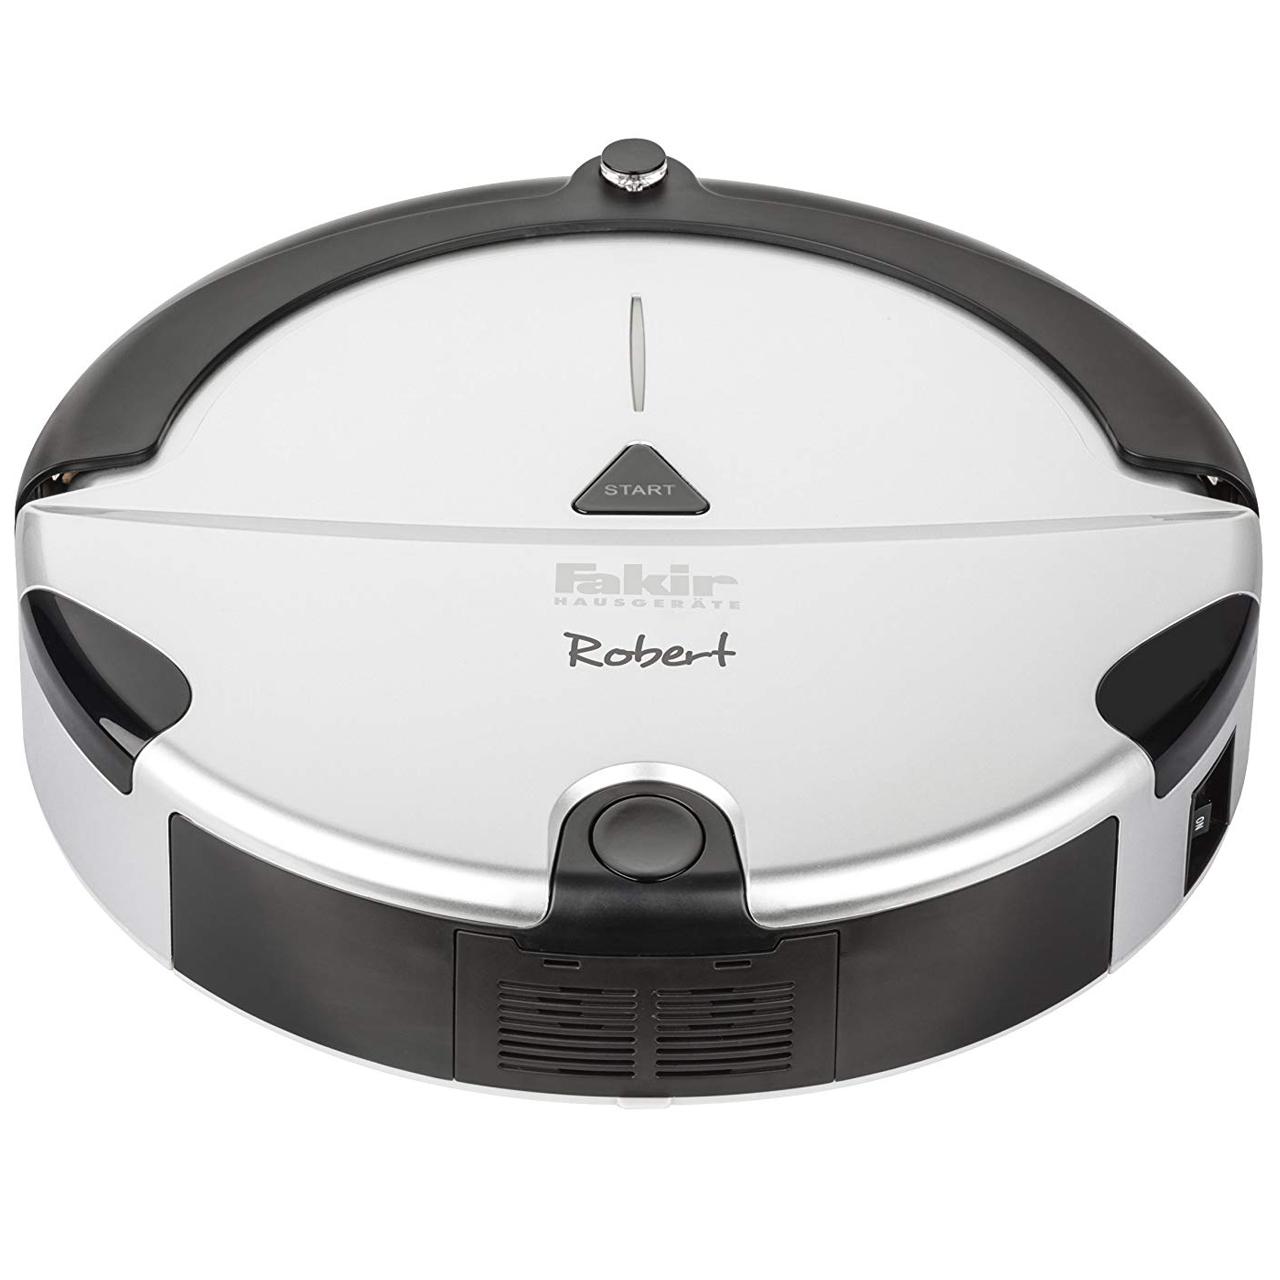 راهنمای خرید جارو برقی رباتیک فکر مدل Robert لیست قیمت